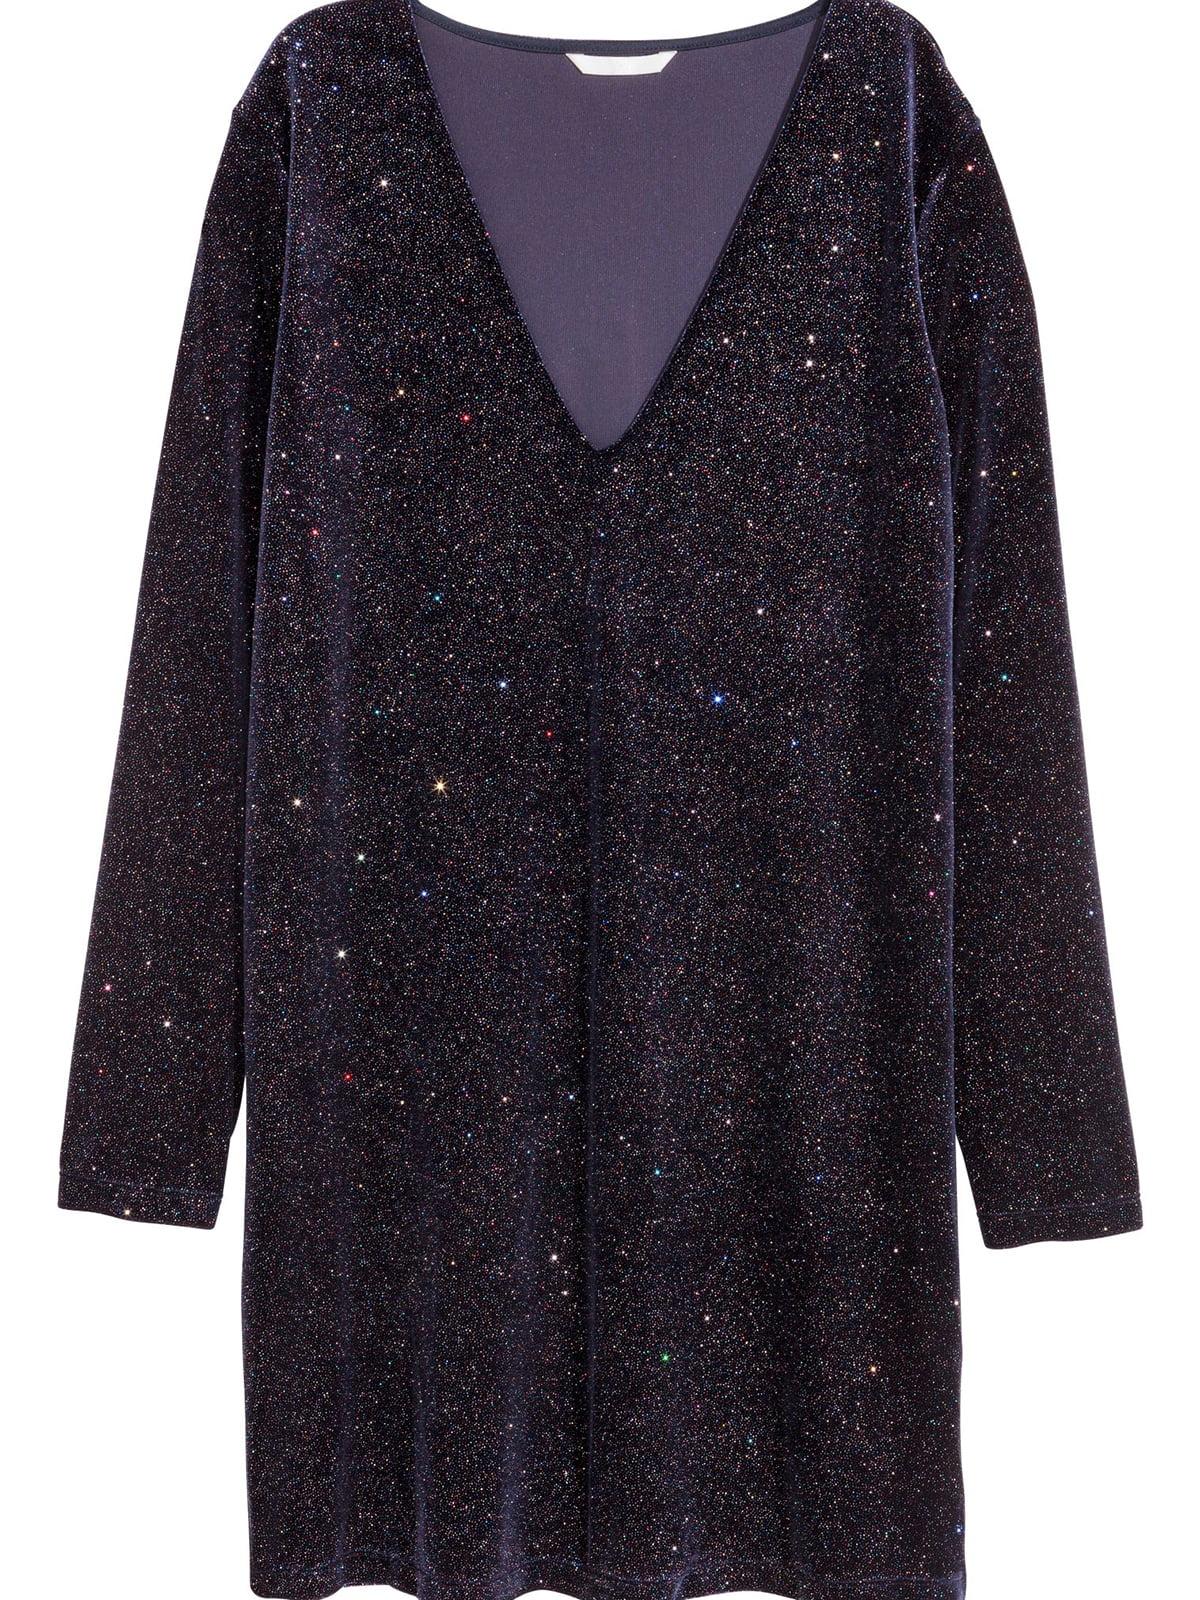 Платье темно-синее с блестками | 5677355